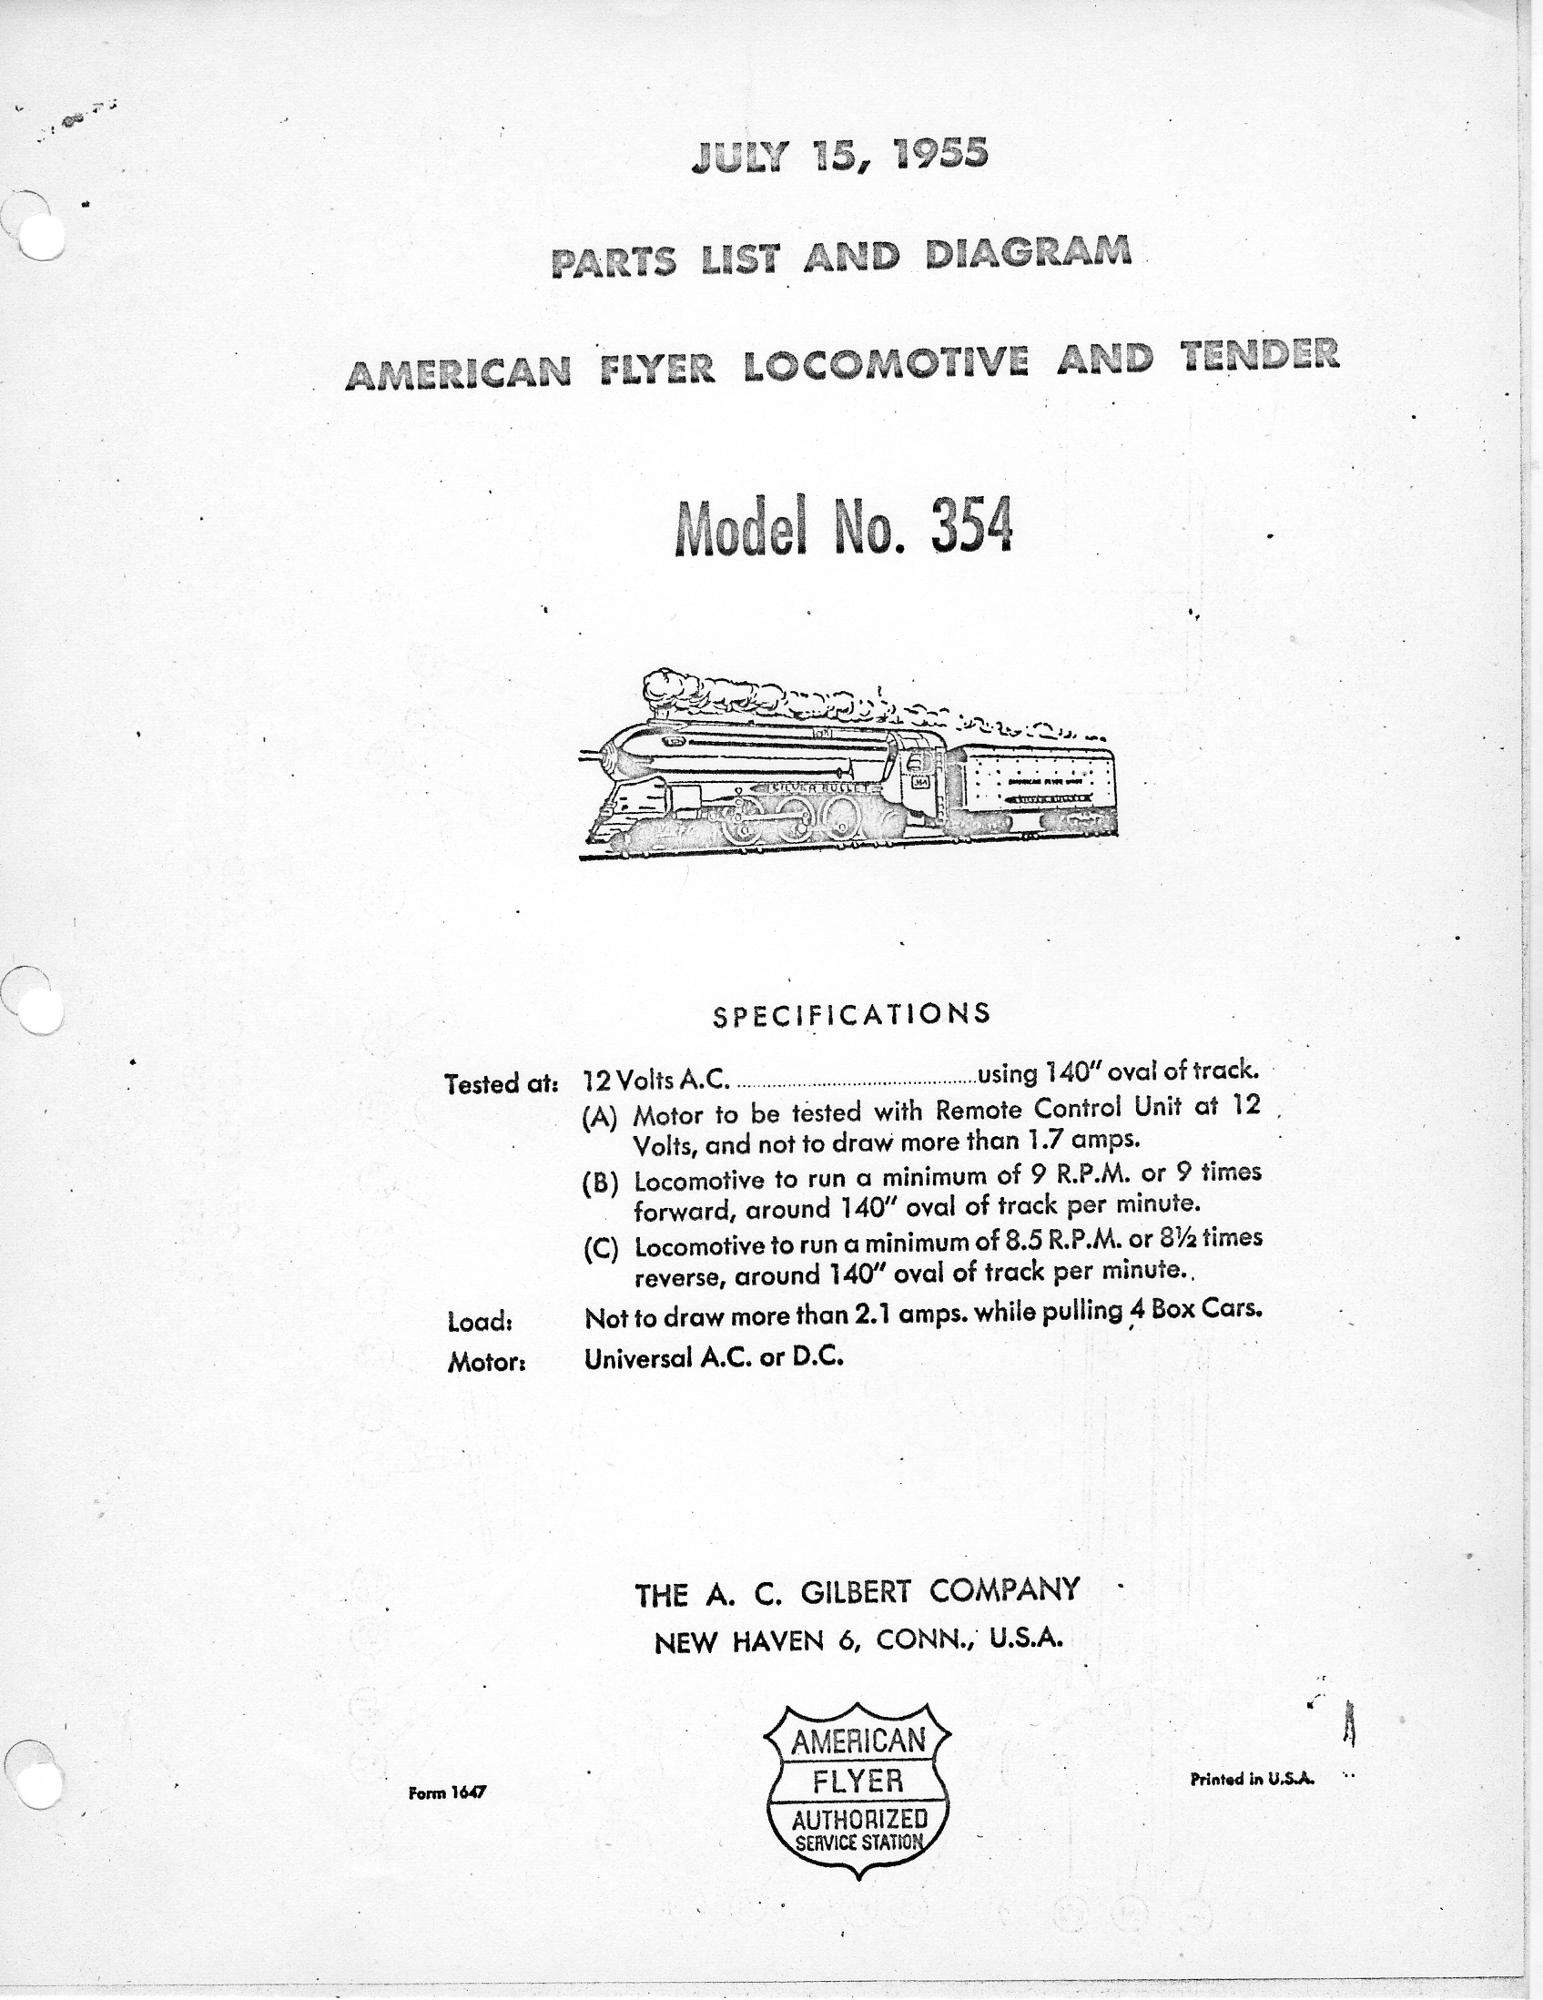 American Flyer Locomotive & Tender 354 Parts List & Diagram - Page 1